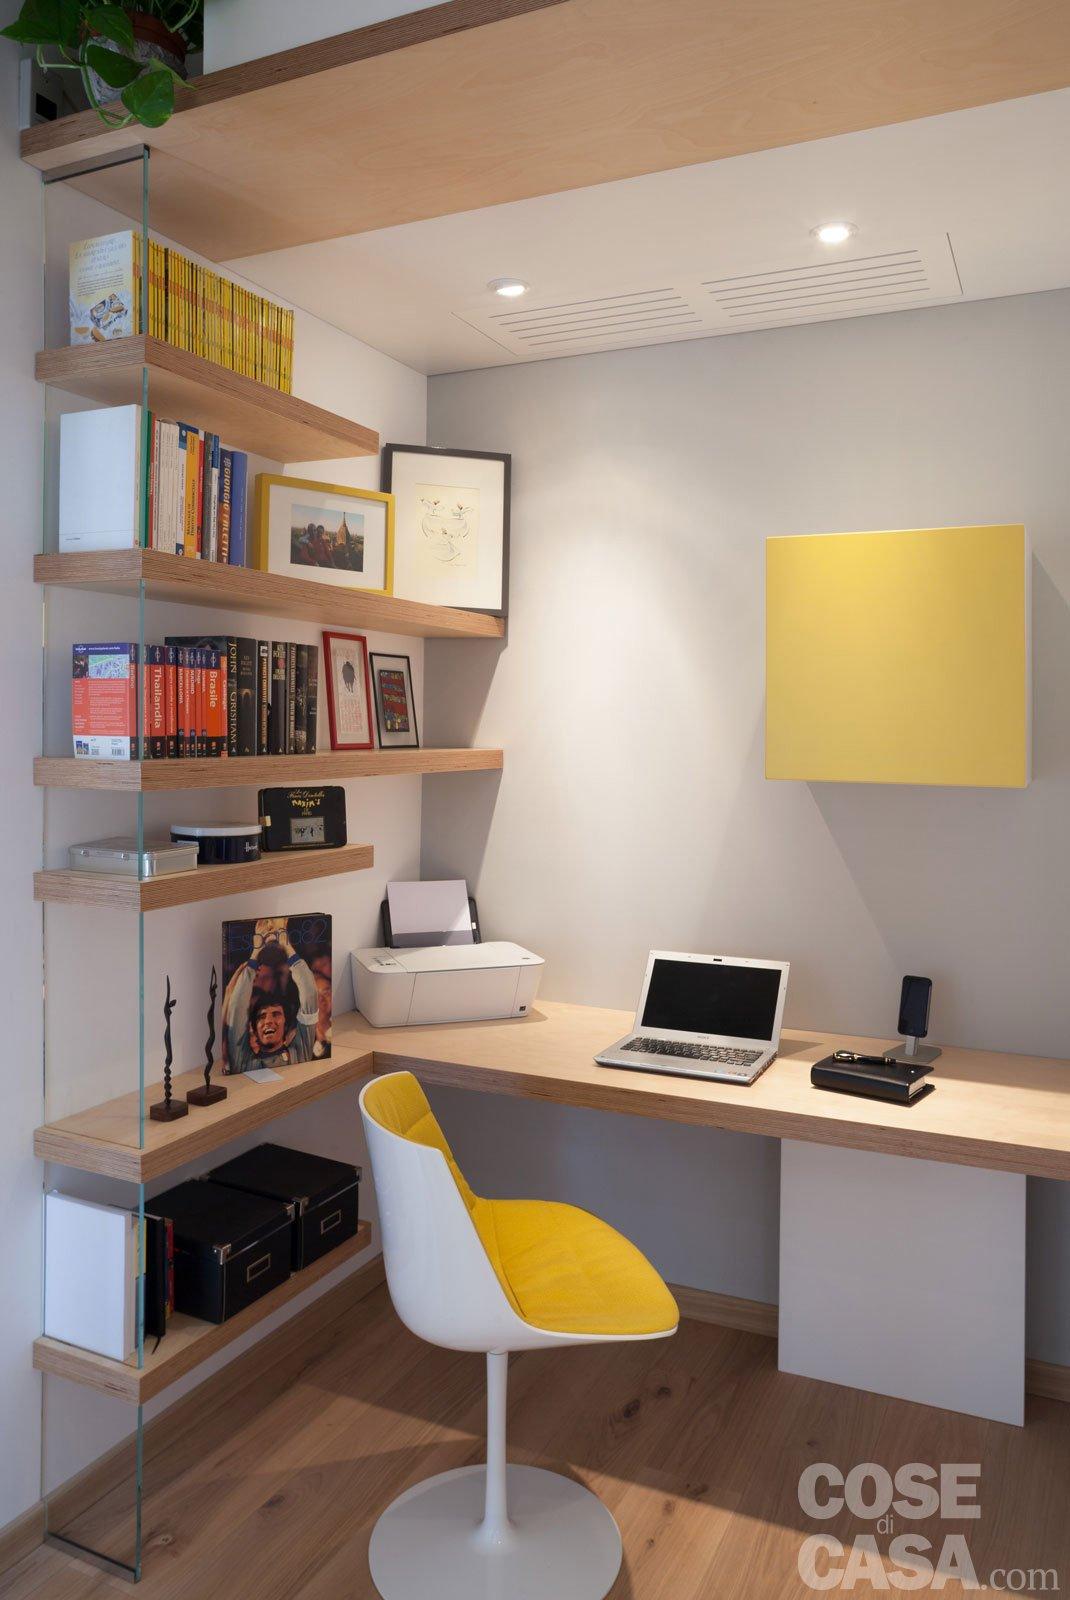 Maxi trilocale design e ispirazioni scandinave per la casa di 125 mq  Cose di Casa